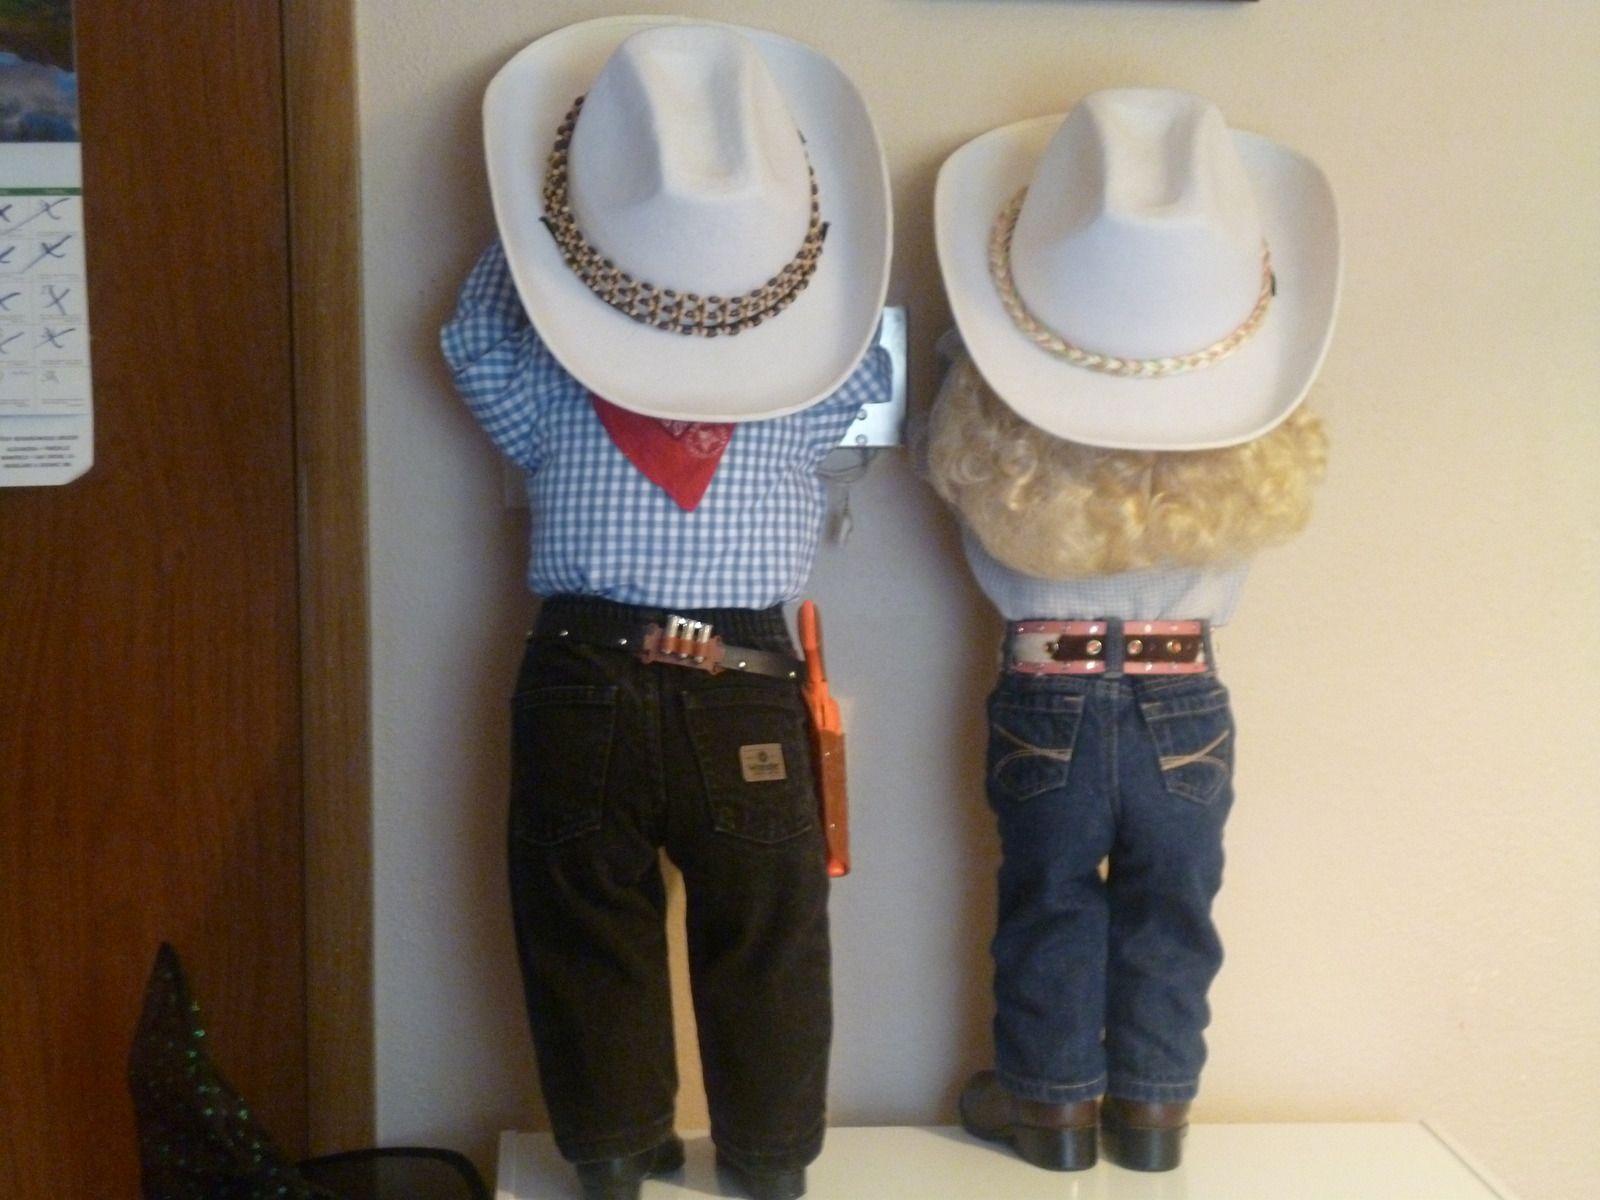 996efe4d3 Time out doll Roy and Dale -cowboy | dolls | Diy doll, Dolls, Cowboy ...